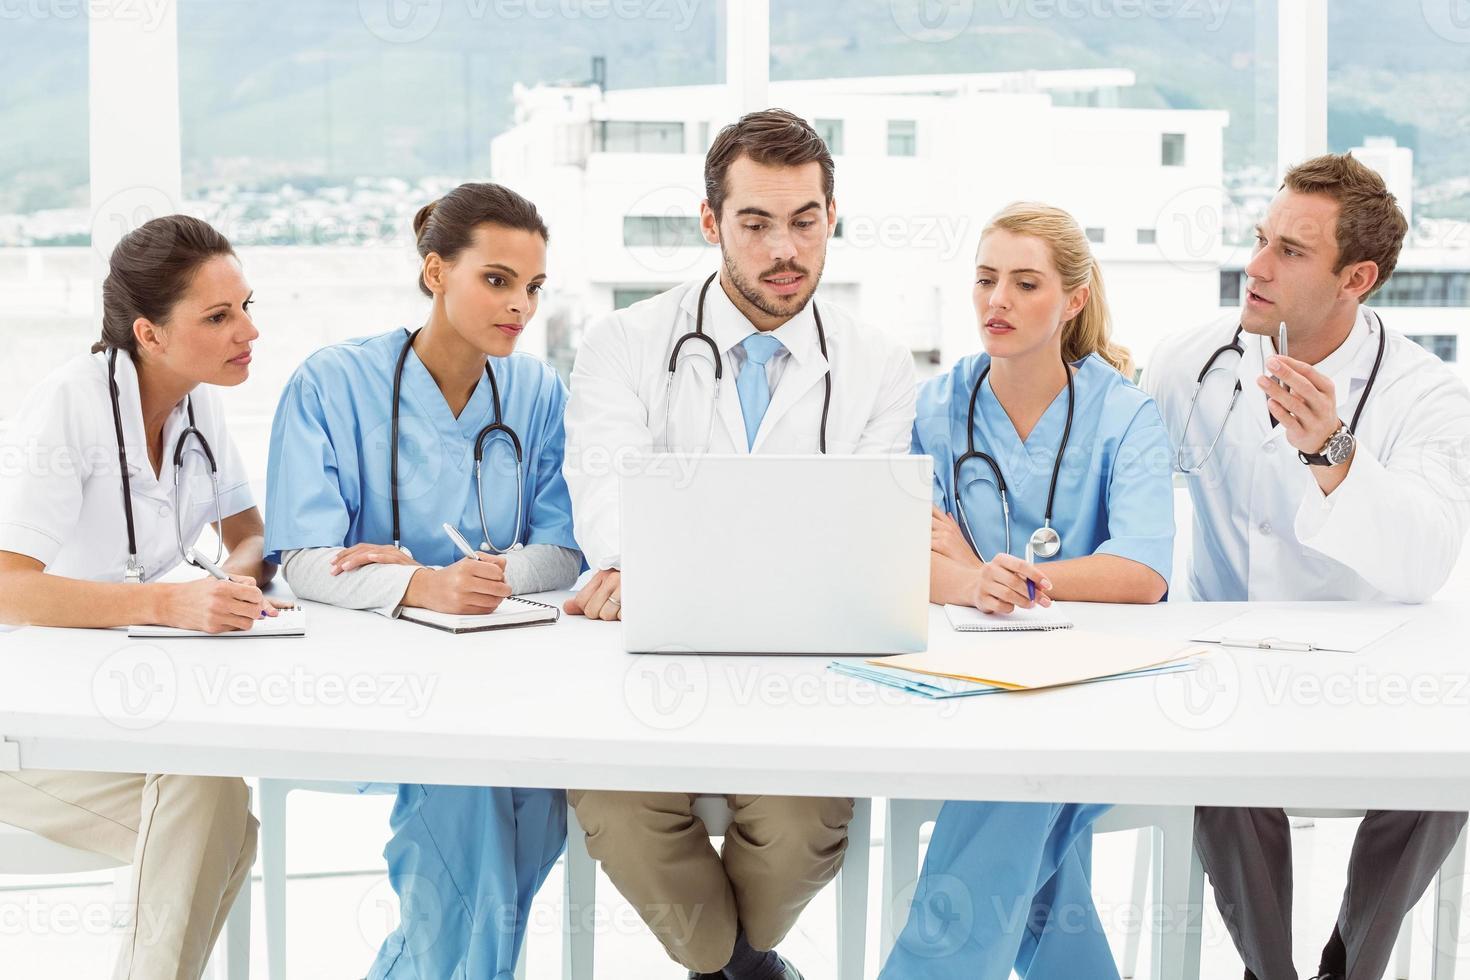 männliche und weibliche Ärzte mit Laptop foto